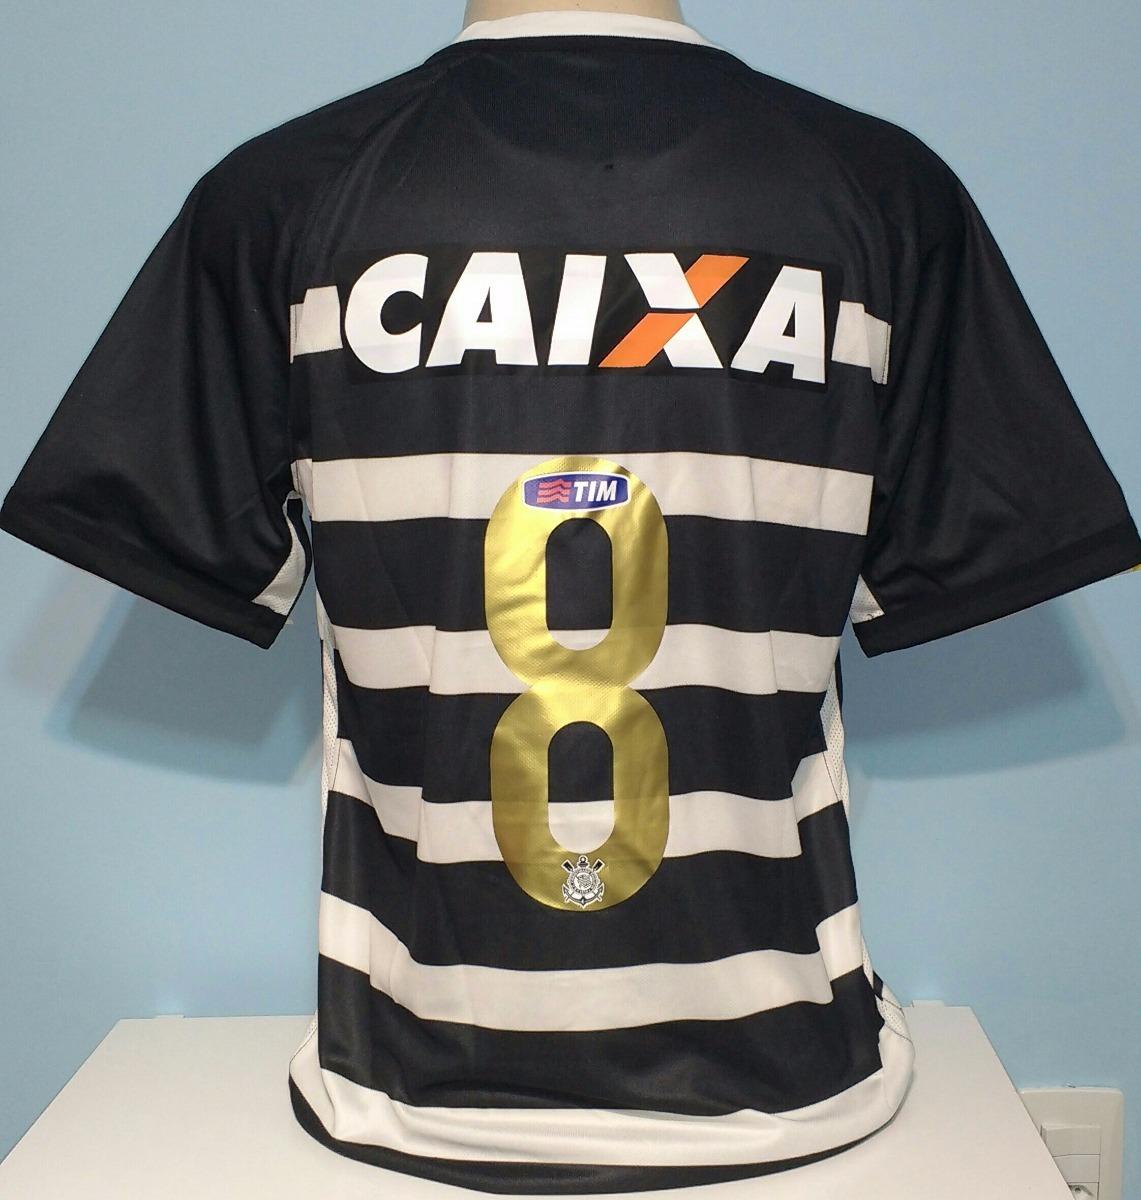 camisa corinthians campeão brasileiro 2015 original nike. Carregando zoom. 45b355540838a